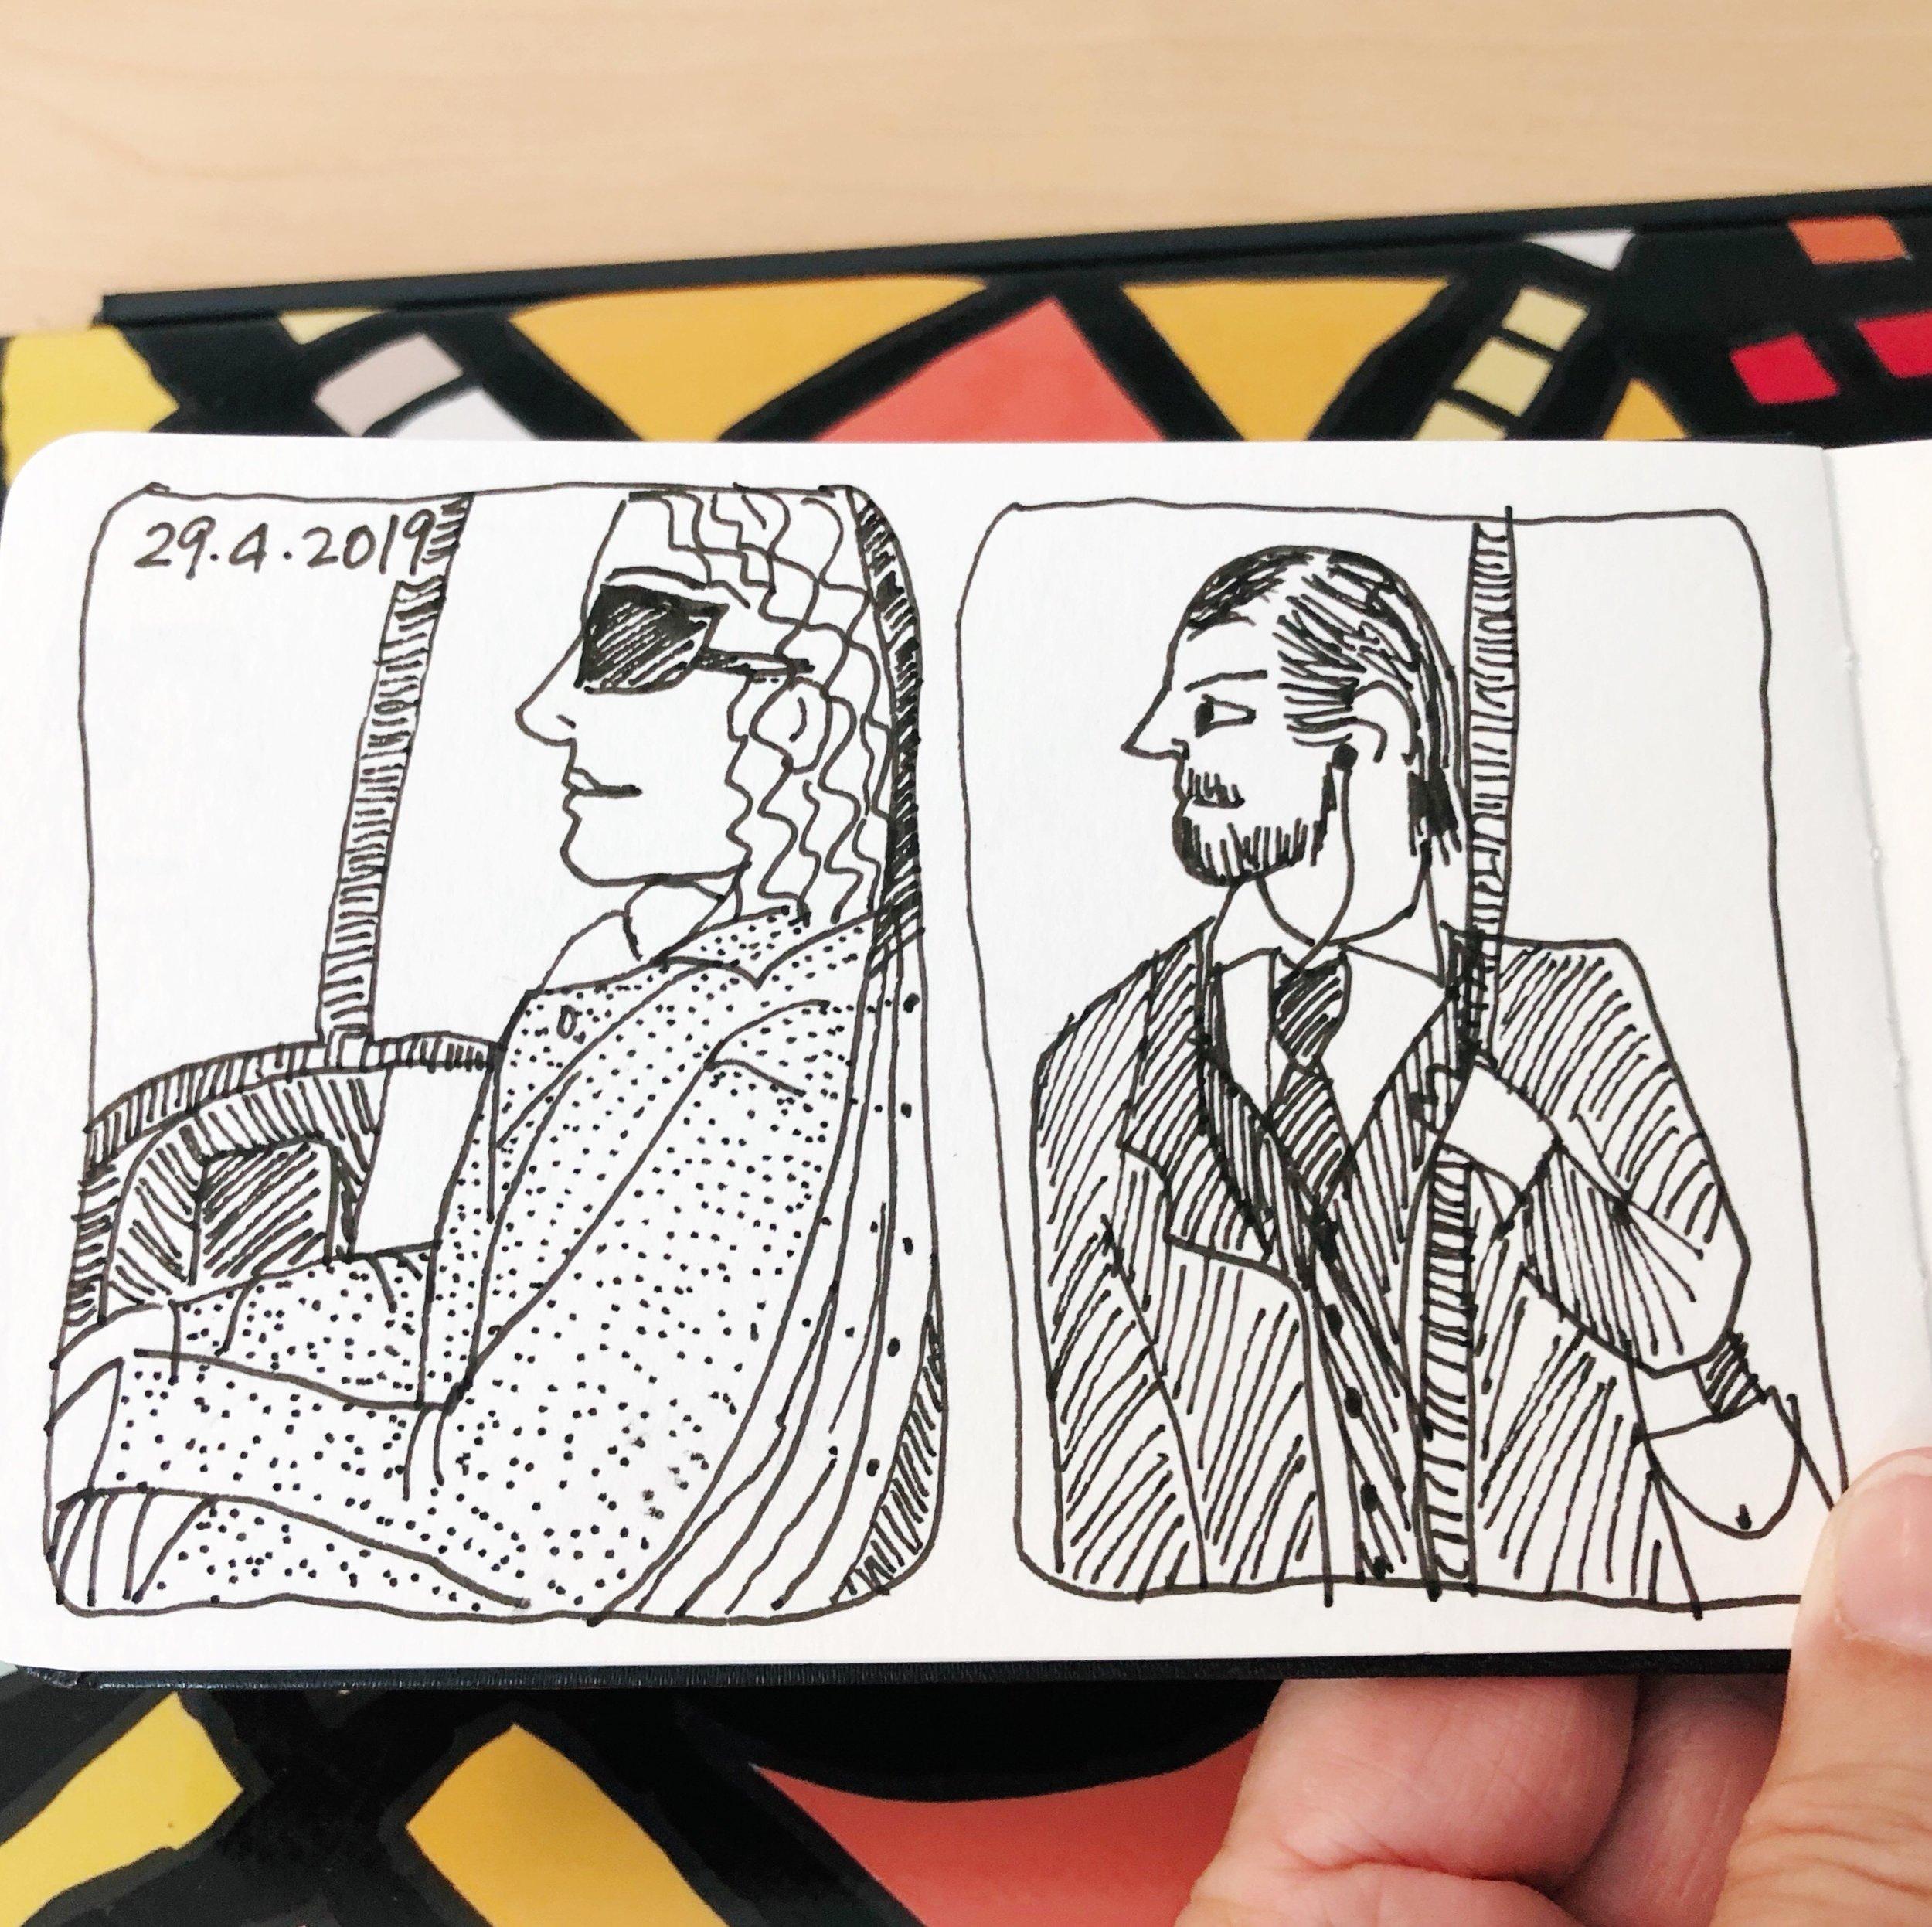 Tram travellers, 29 April 2019